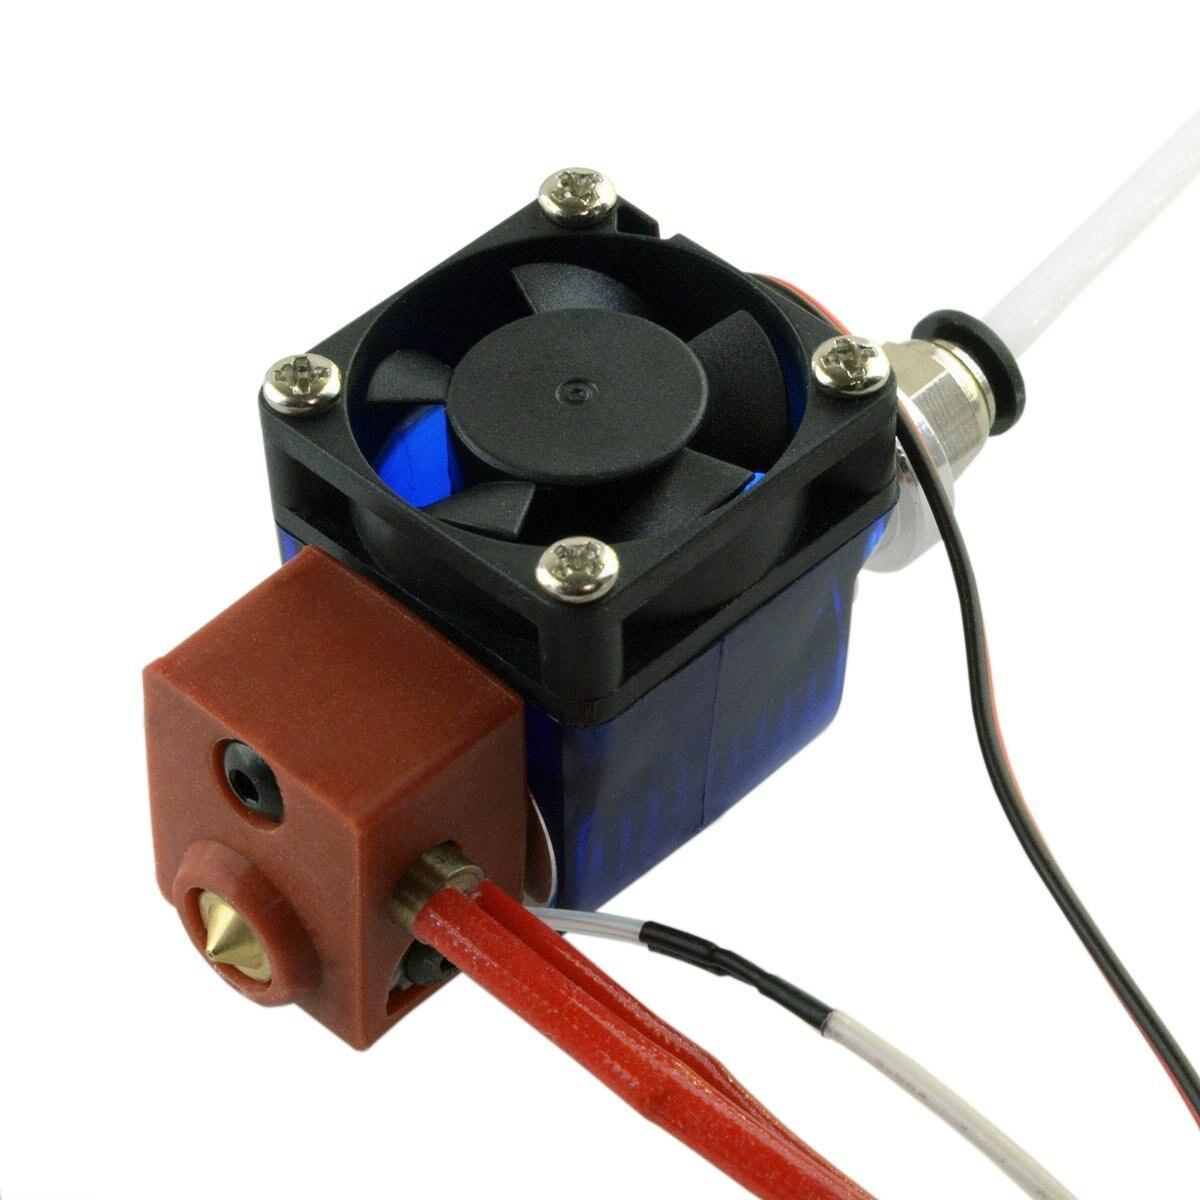 Extrudeuse tout en métal V6 Bowden Hotend pour imprimante 3D-Filament 24 V/1.75mm/buse 0.4mm